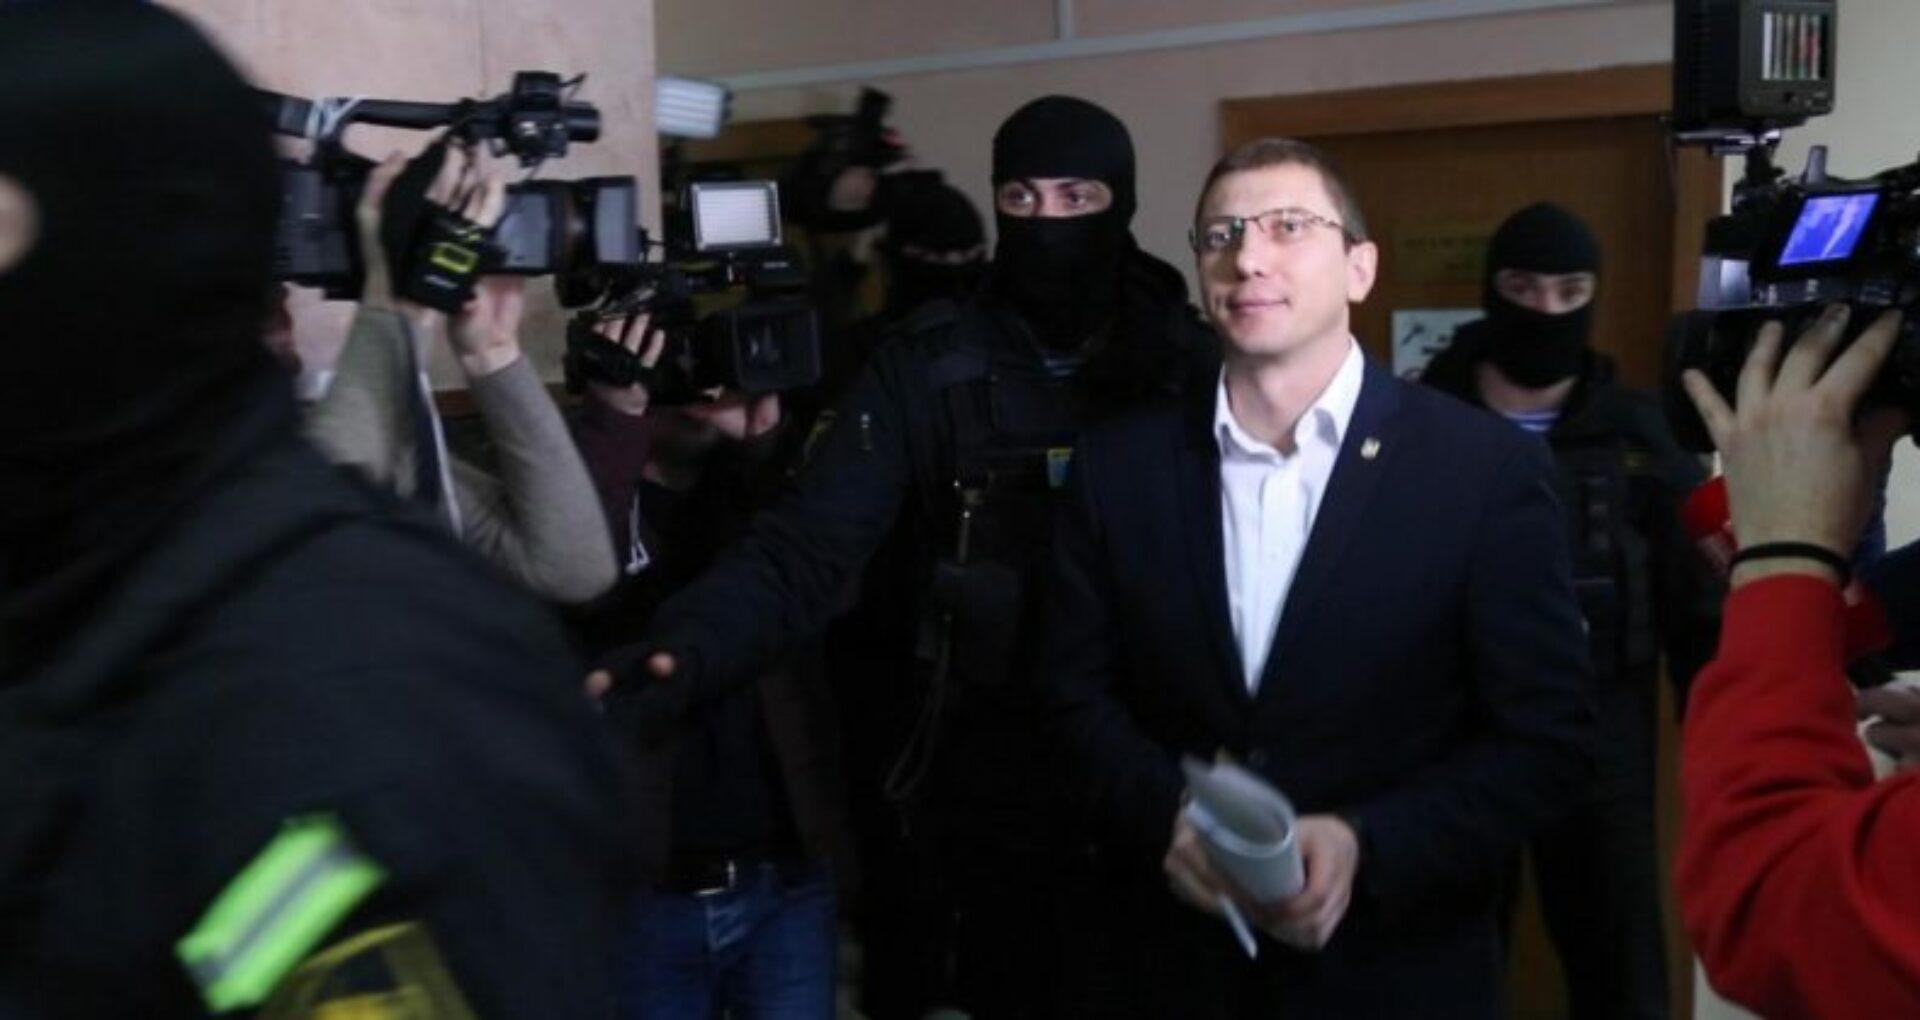 Procurorii cer mandat de arest pentru 30 de zile pentru Viorel Morari